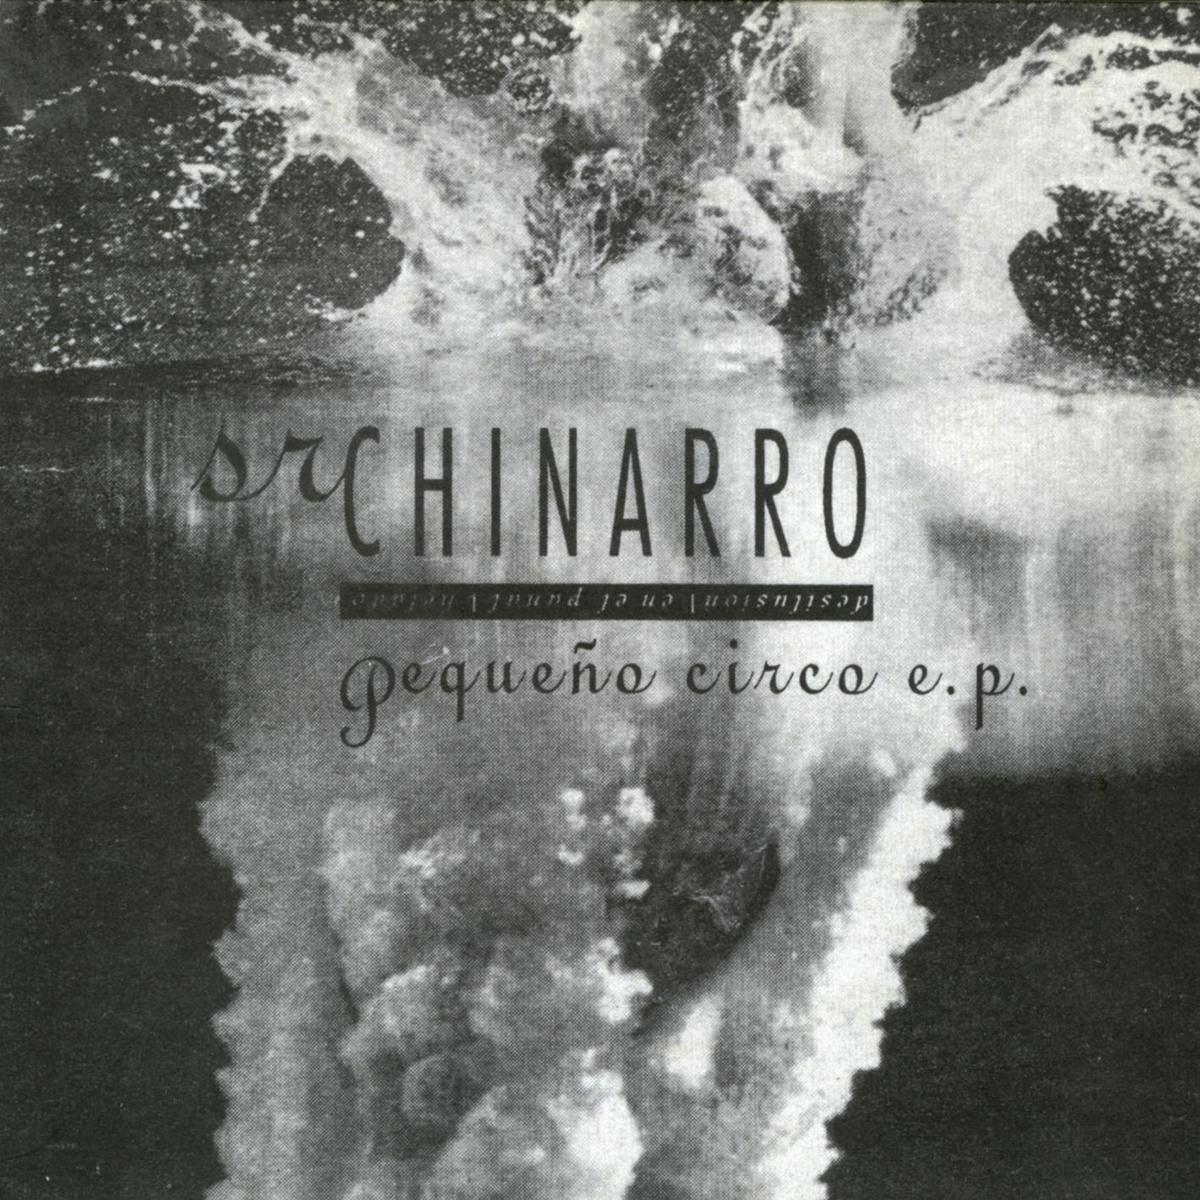 portada del album Pequeño Circo